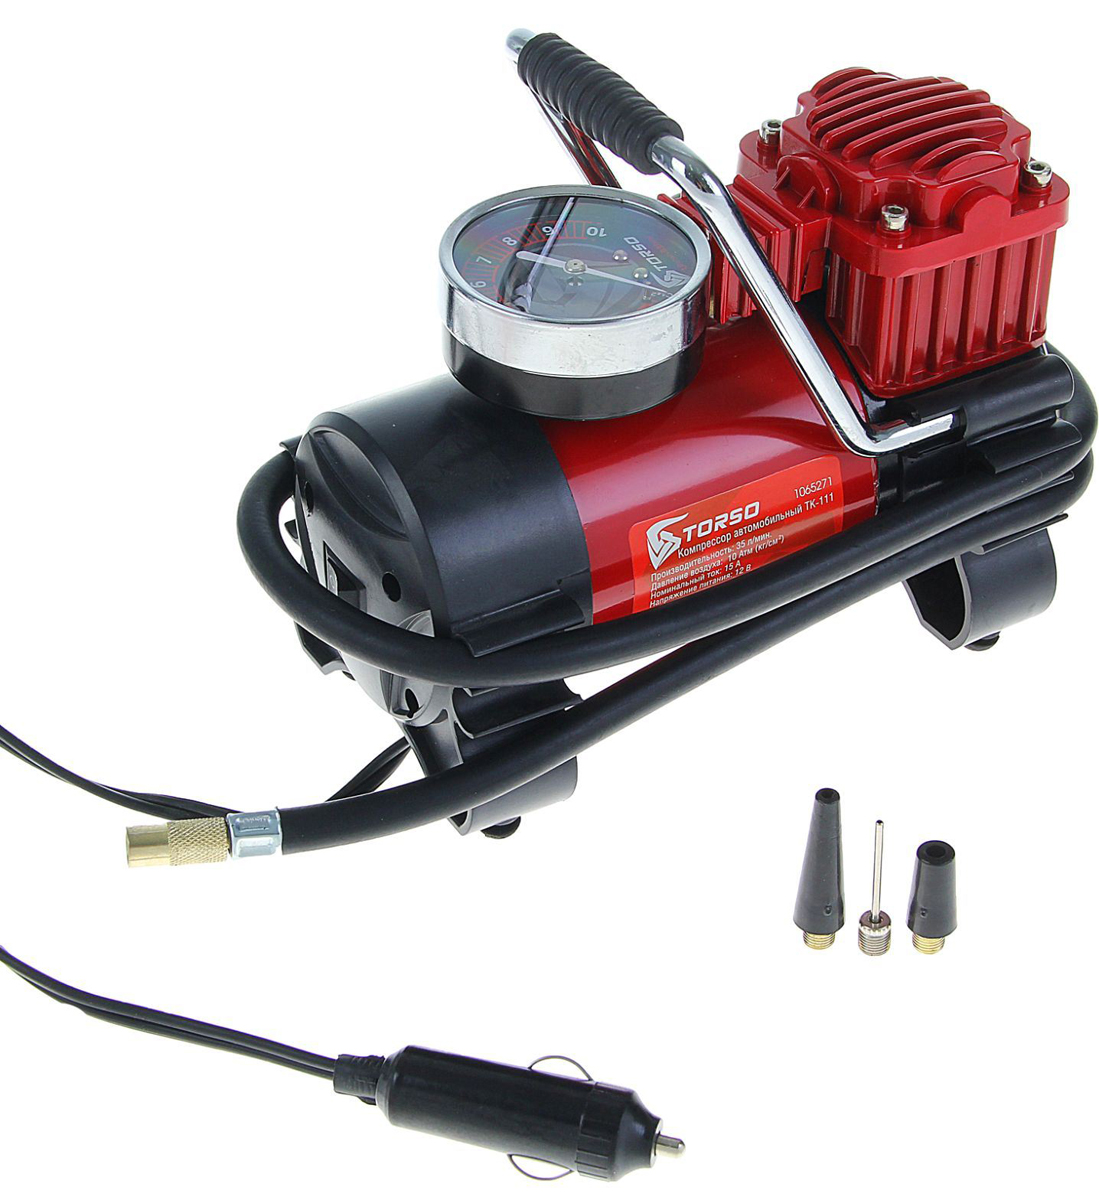 Компрессор автомобильный Torso TK-111, 15А, 35 л/мин1065271Автомобильный компрессор TORSO — это незаменимый помощник автомобилиста. Потребуется для накачивания колеса после прокола, выхода из строя ниппеля или подкачки запаски. Особенно прибор необходим в сезоны смены шин, во время поездок на далёкие расстояния. Специальные насадки позволят подкачать волейбольный мяч, шины велосипеда или резиновую лодку. Бюджетная модель, подойдёт для экономного водителя, который ценит соотношение хорошего качества и оптимальной стоимости.15 А, 35 л/мин, провод 3 м, шланг 1 м